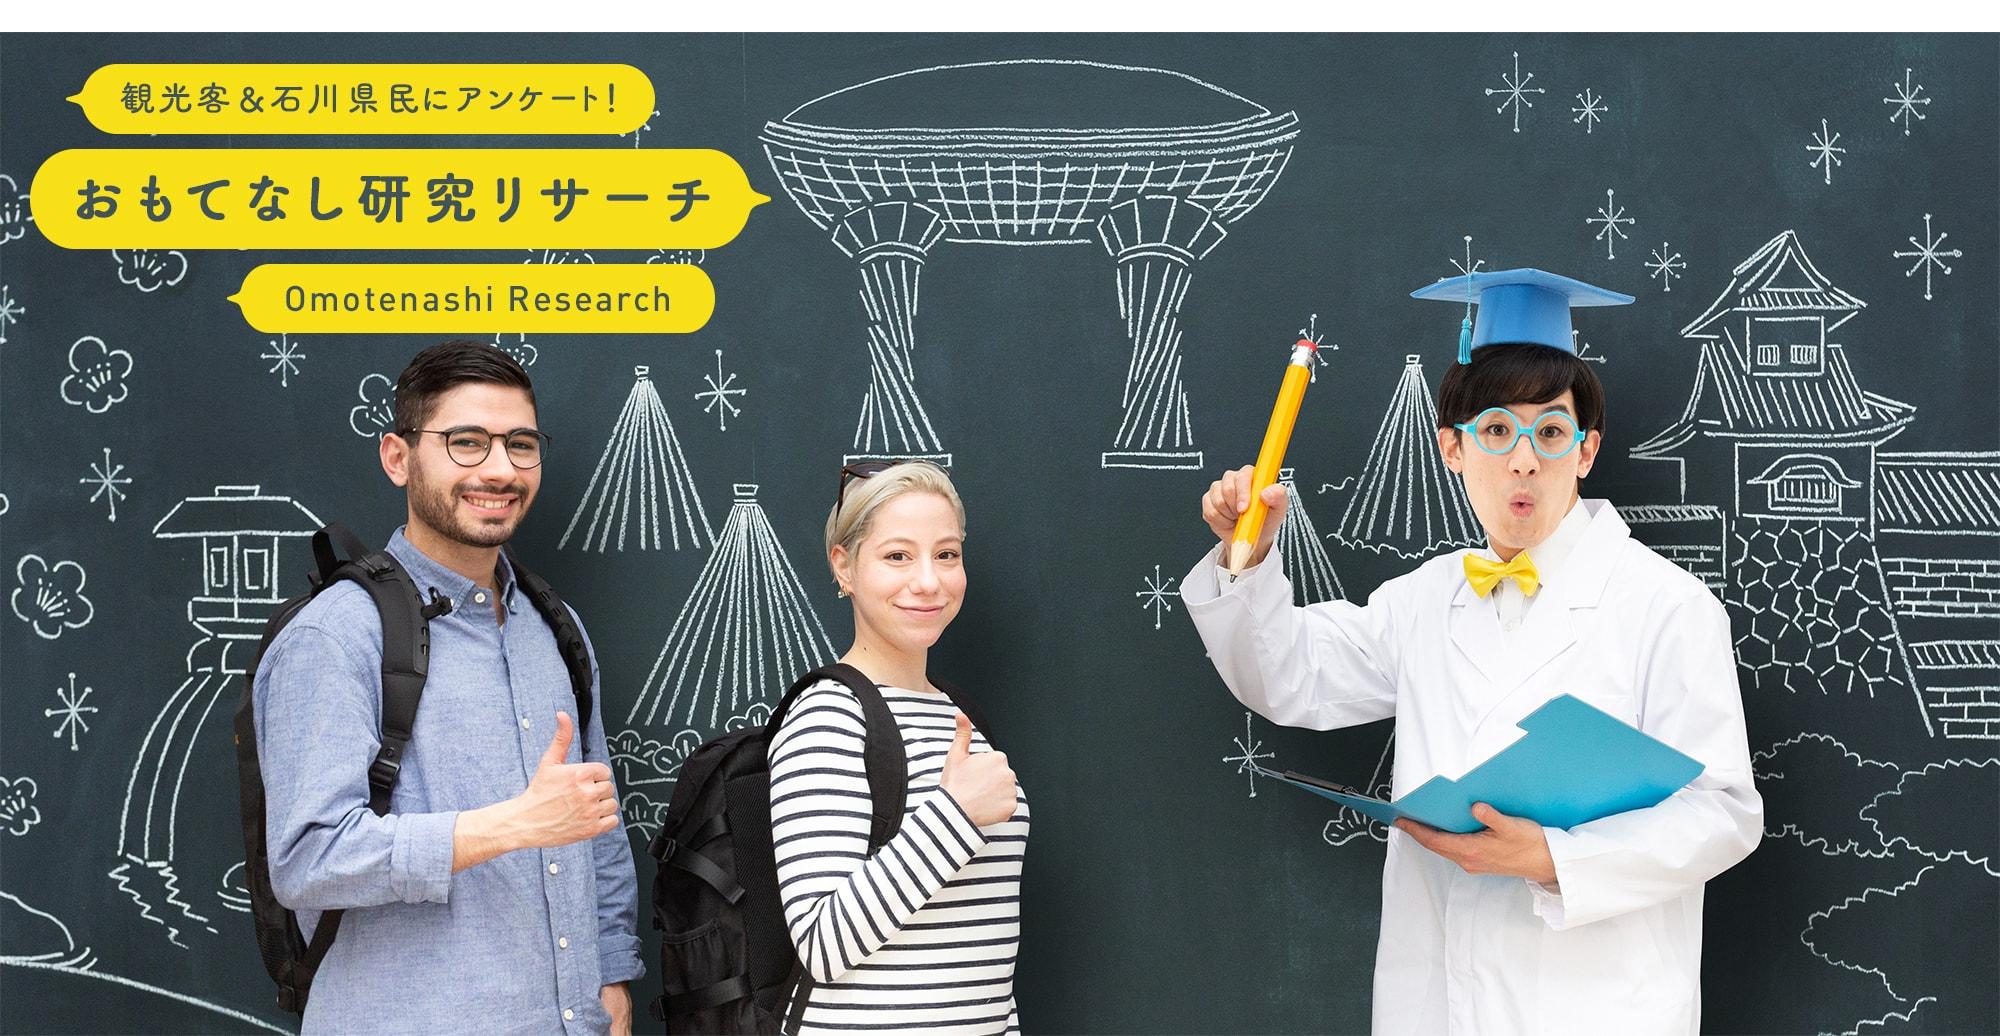 観光客&石川県民にアンケート!おもてなし研究リサーチ